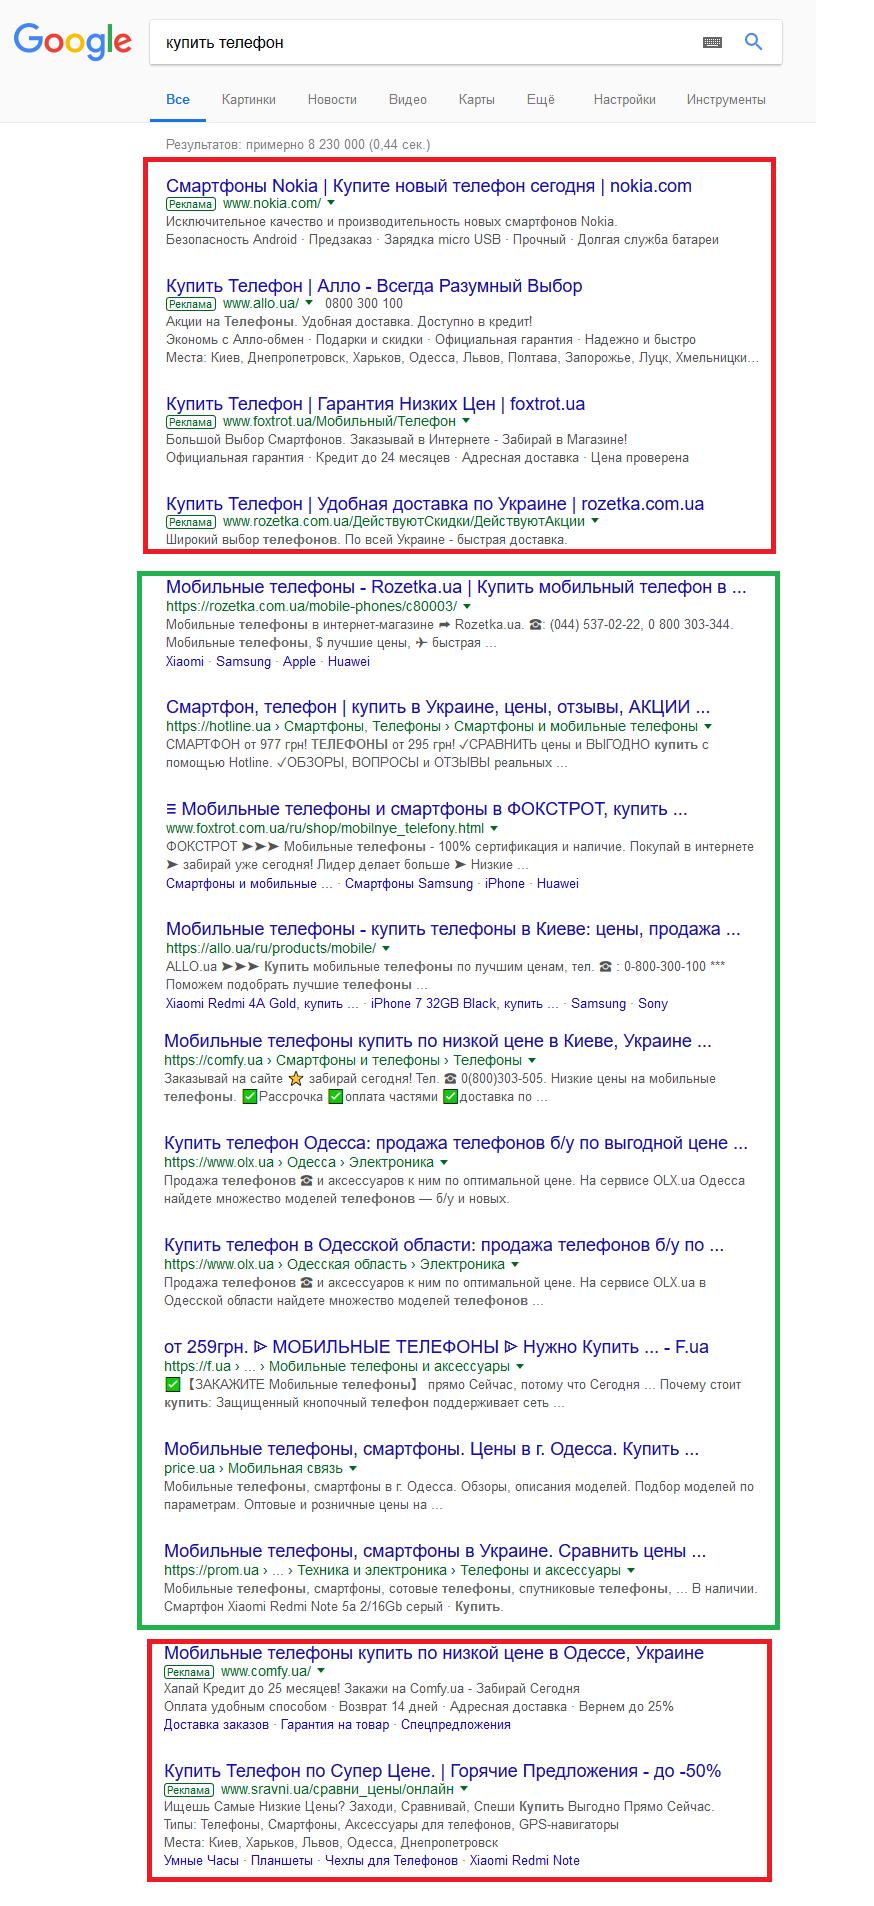 Органическая и платная выдача Google